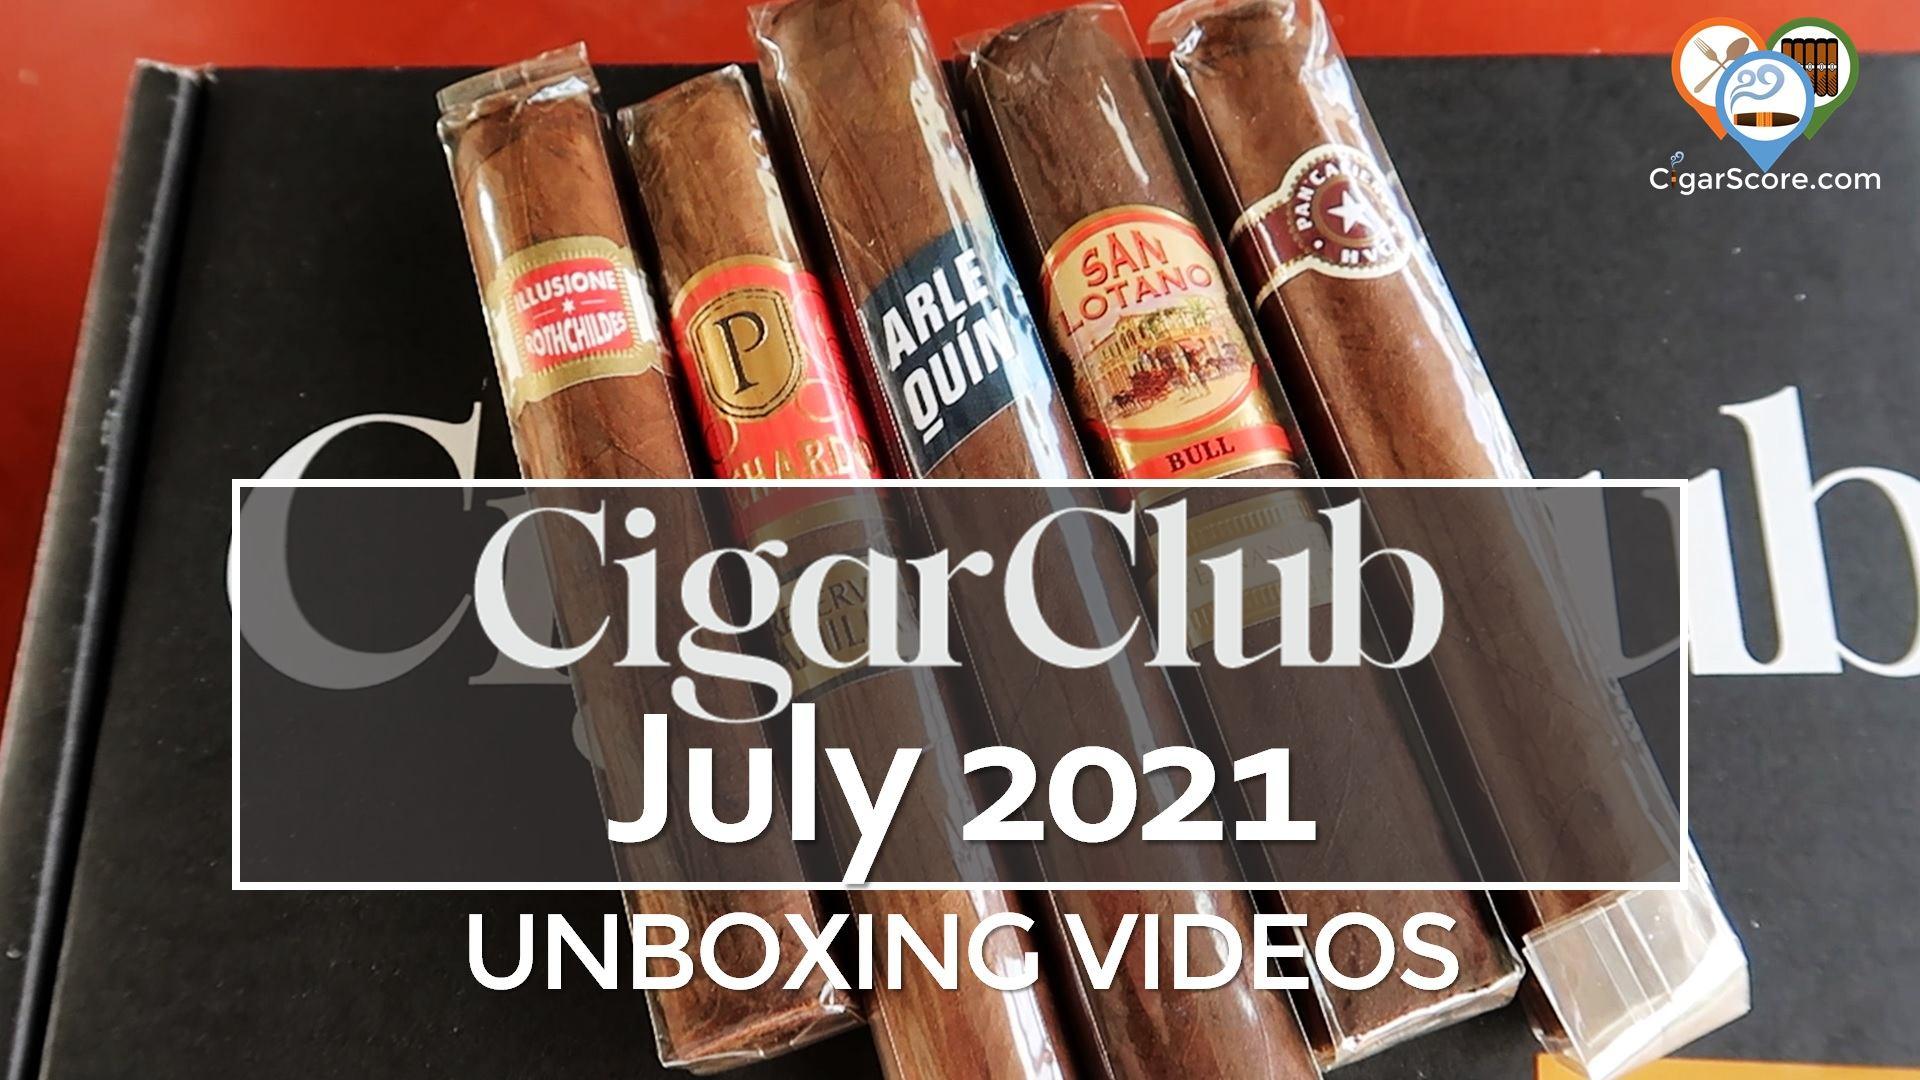 CigarClub JULY 2021